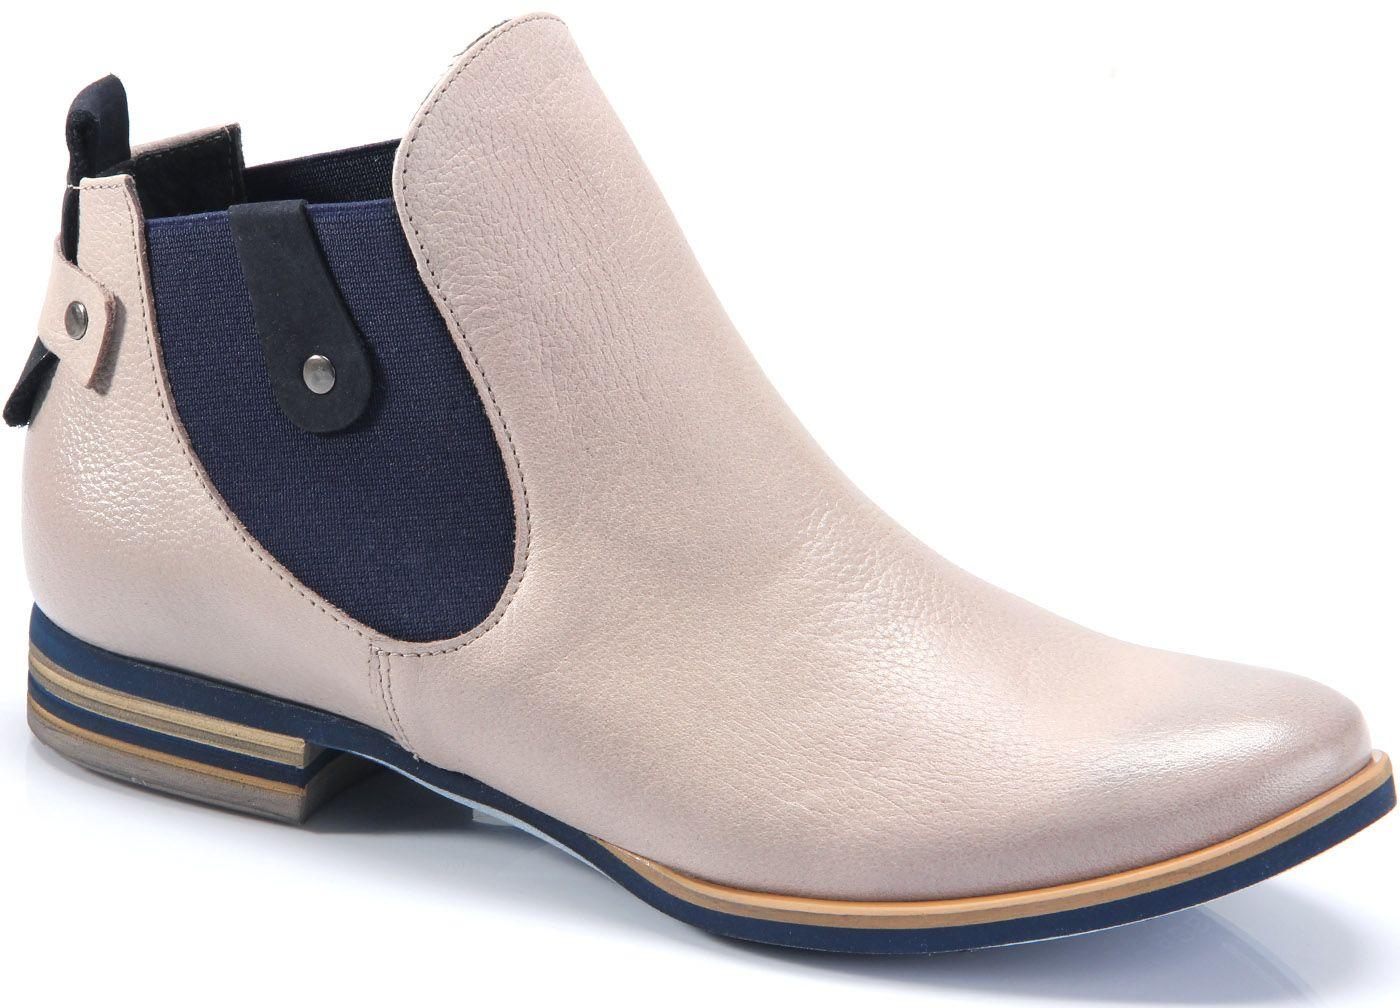 Botki Karolina 1932 Buty Markowe Obuwie Skorzane Damskie I Meskie Sklep Cena Opinie Chelsea Boots Boots Shoes